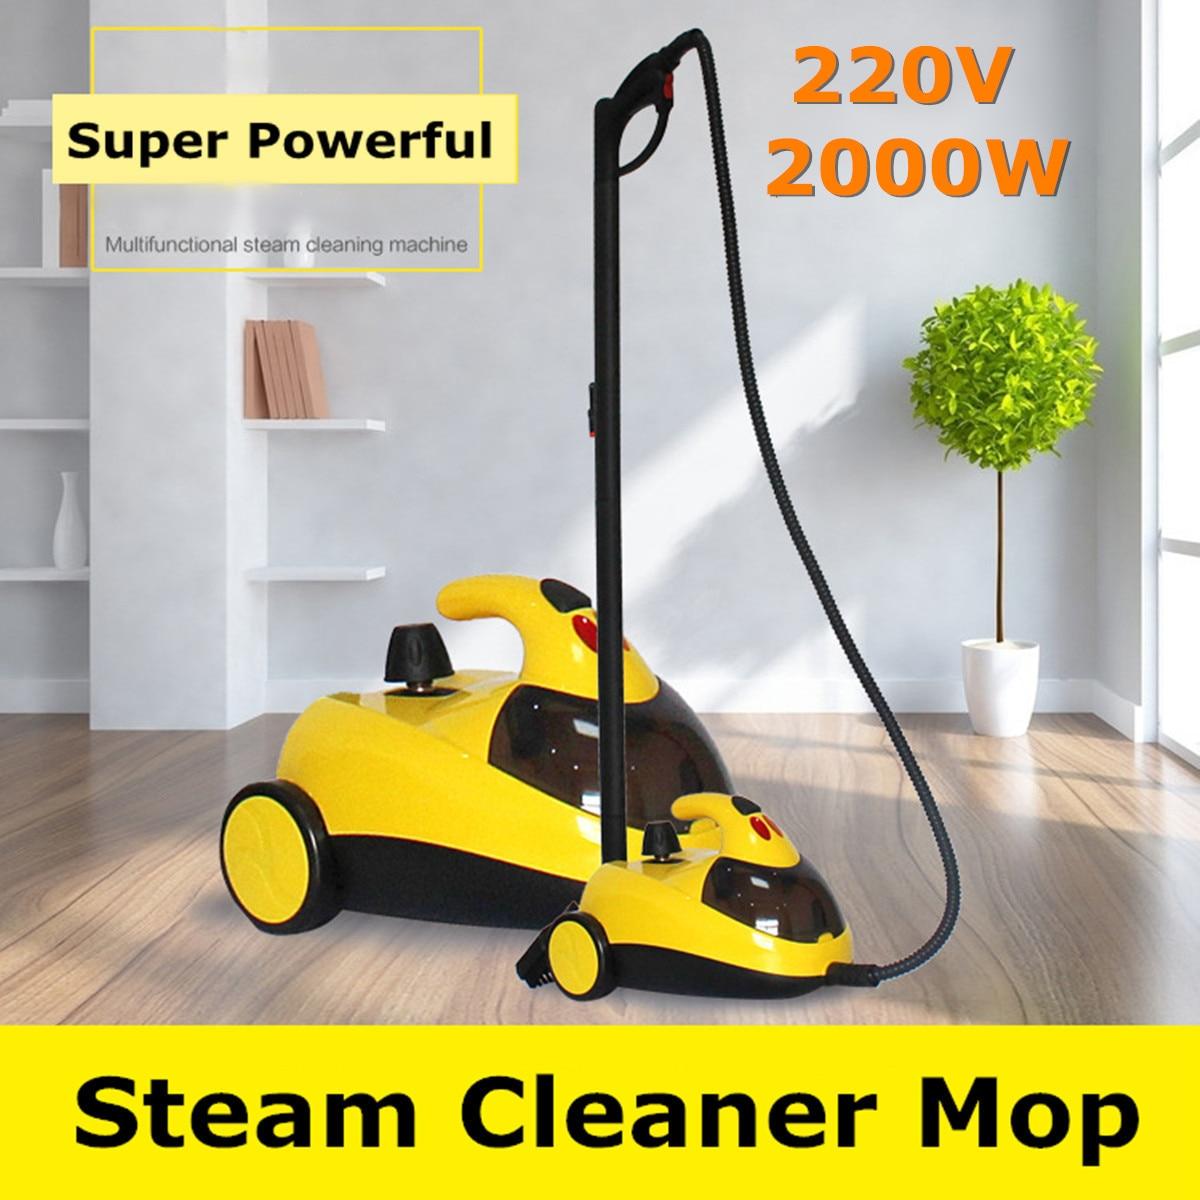 Pavimento Tappeto Cleaner 13in1 AU220V 1.5L4.0 2000 w Bar Lavatrice A Vapore Ad Alta Pressione Macchina di Pulizia 360 Ruota per il Bagno Pulito auto